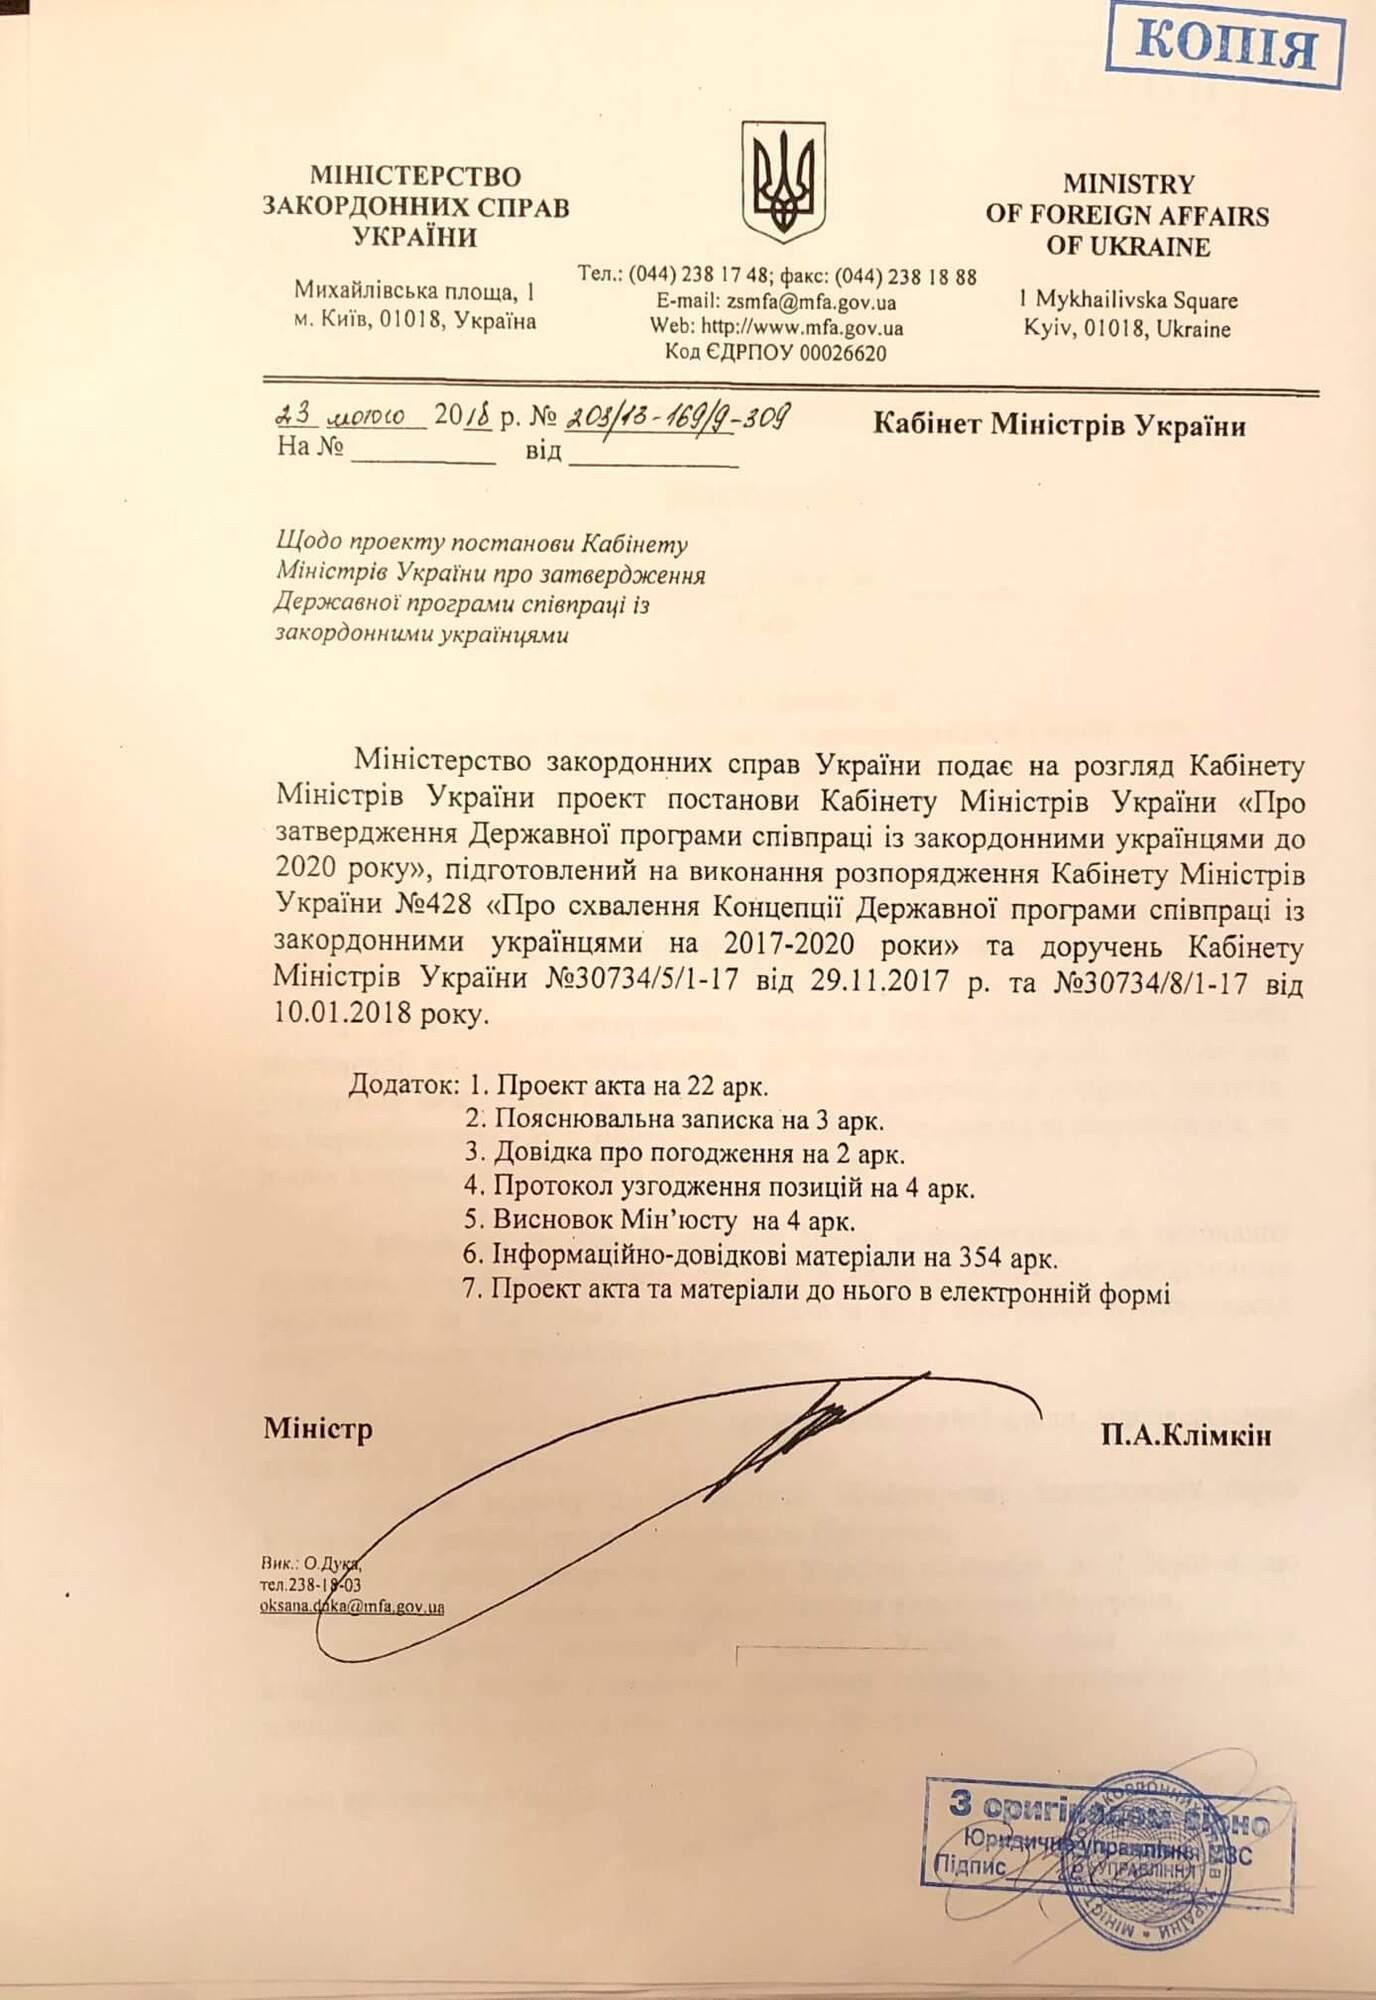 Держпрограмі співпраці з закордонними українцями бути!